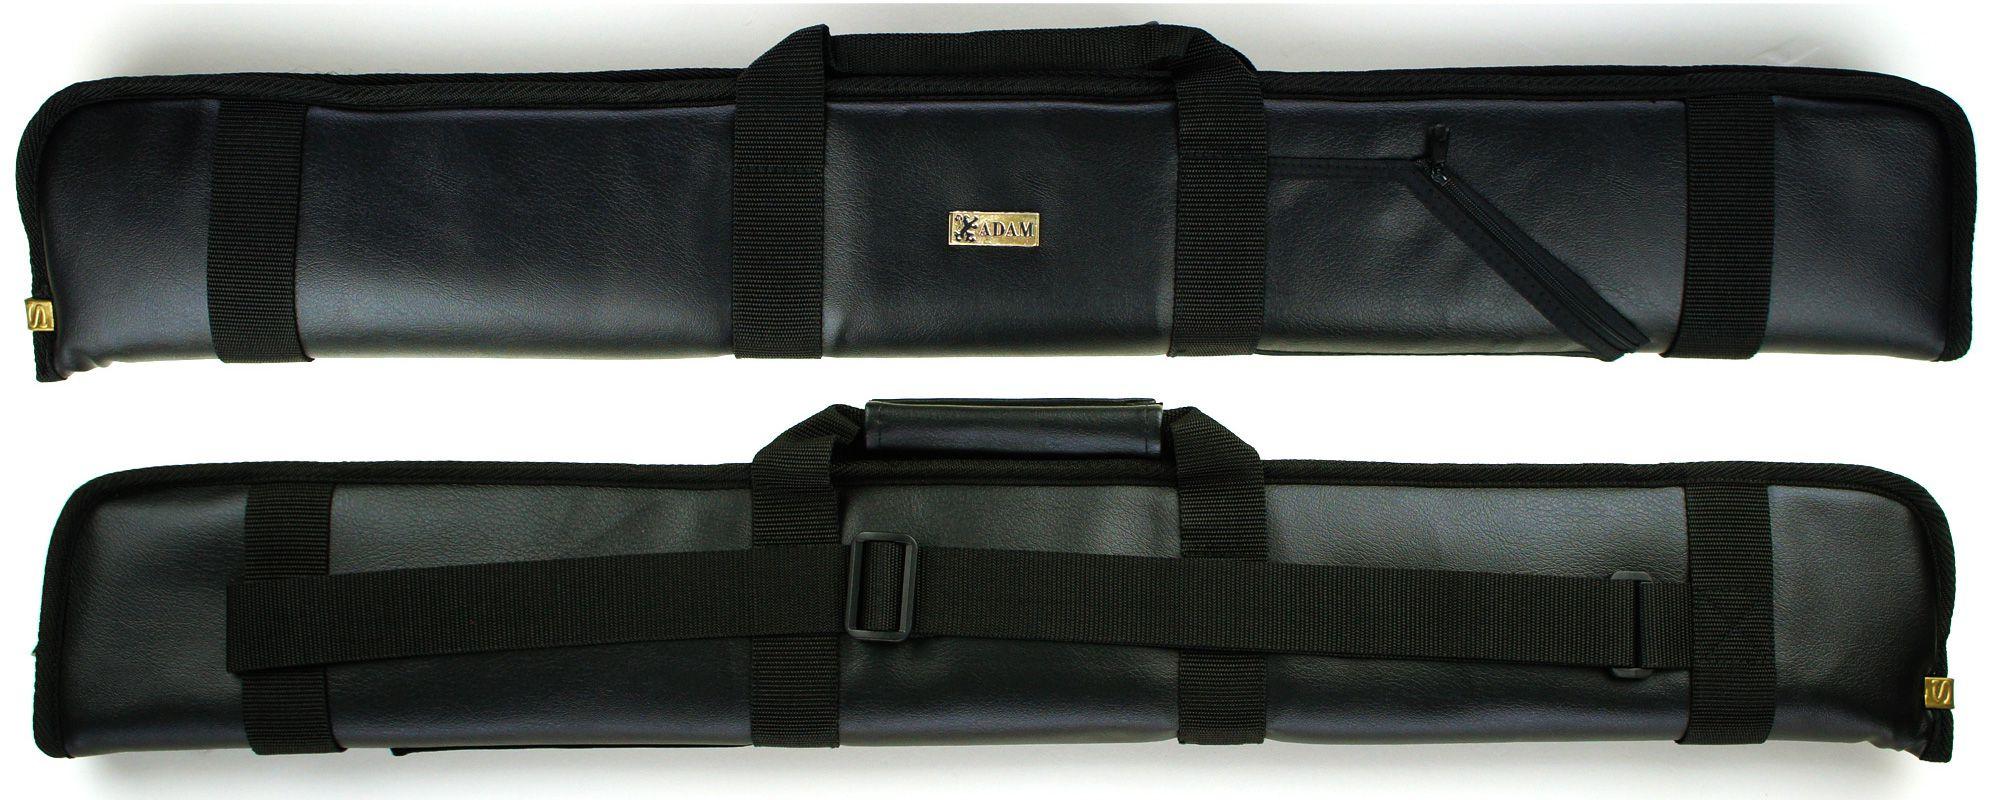 アダム キューケース ソフト sc-12 黒 (バット1本シャフト2本収納) 商品画像